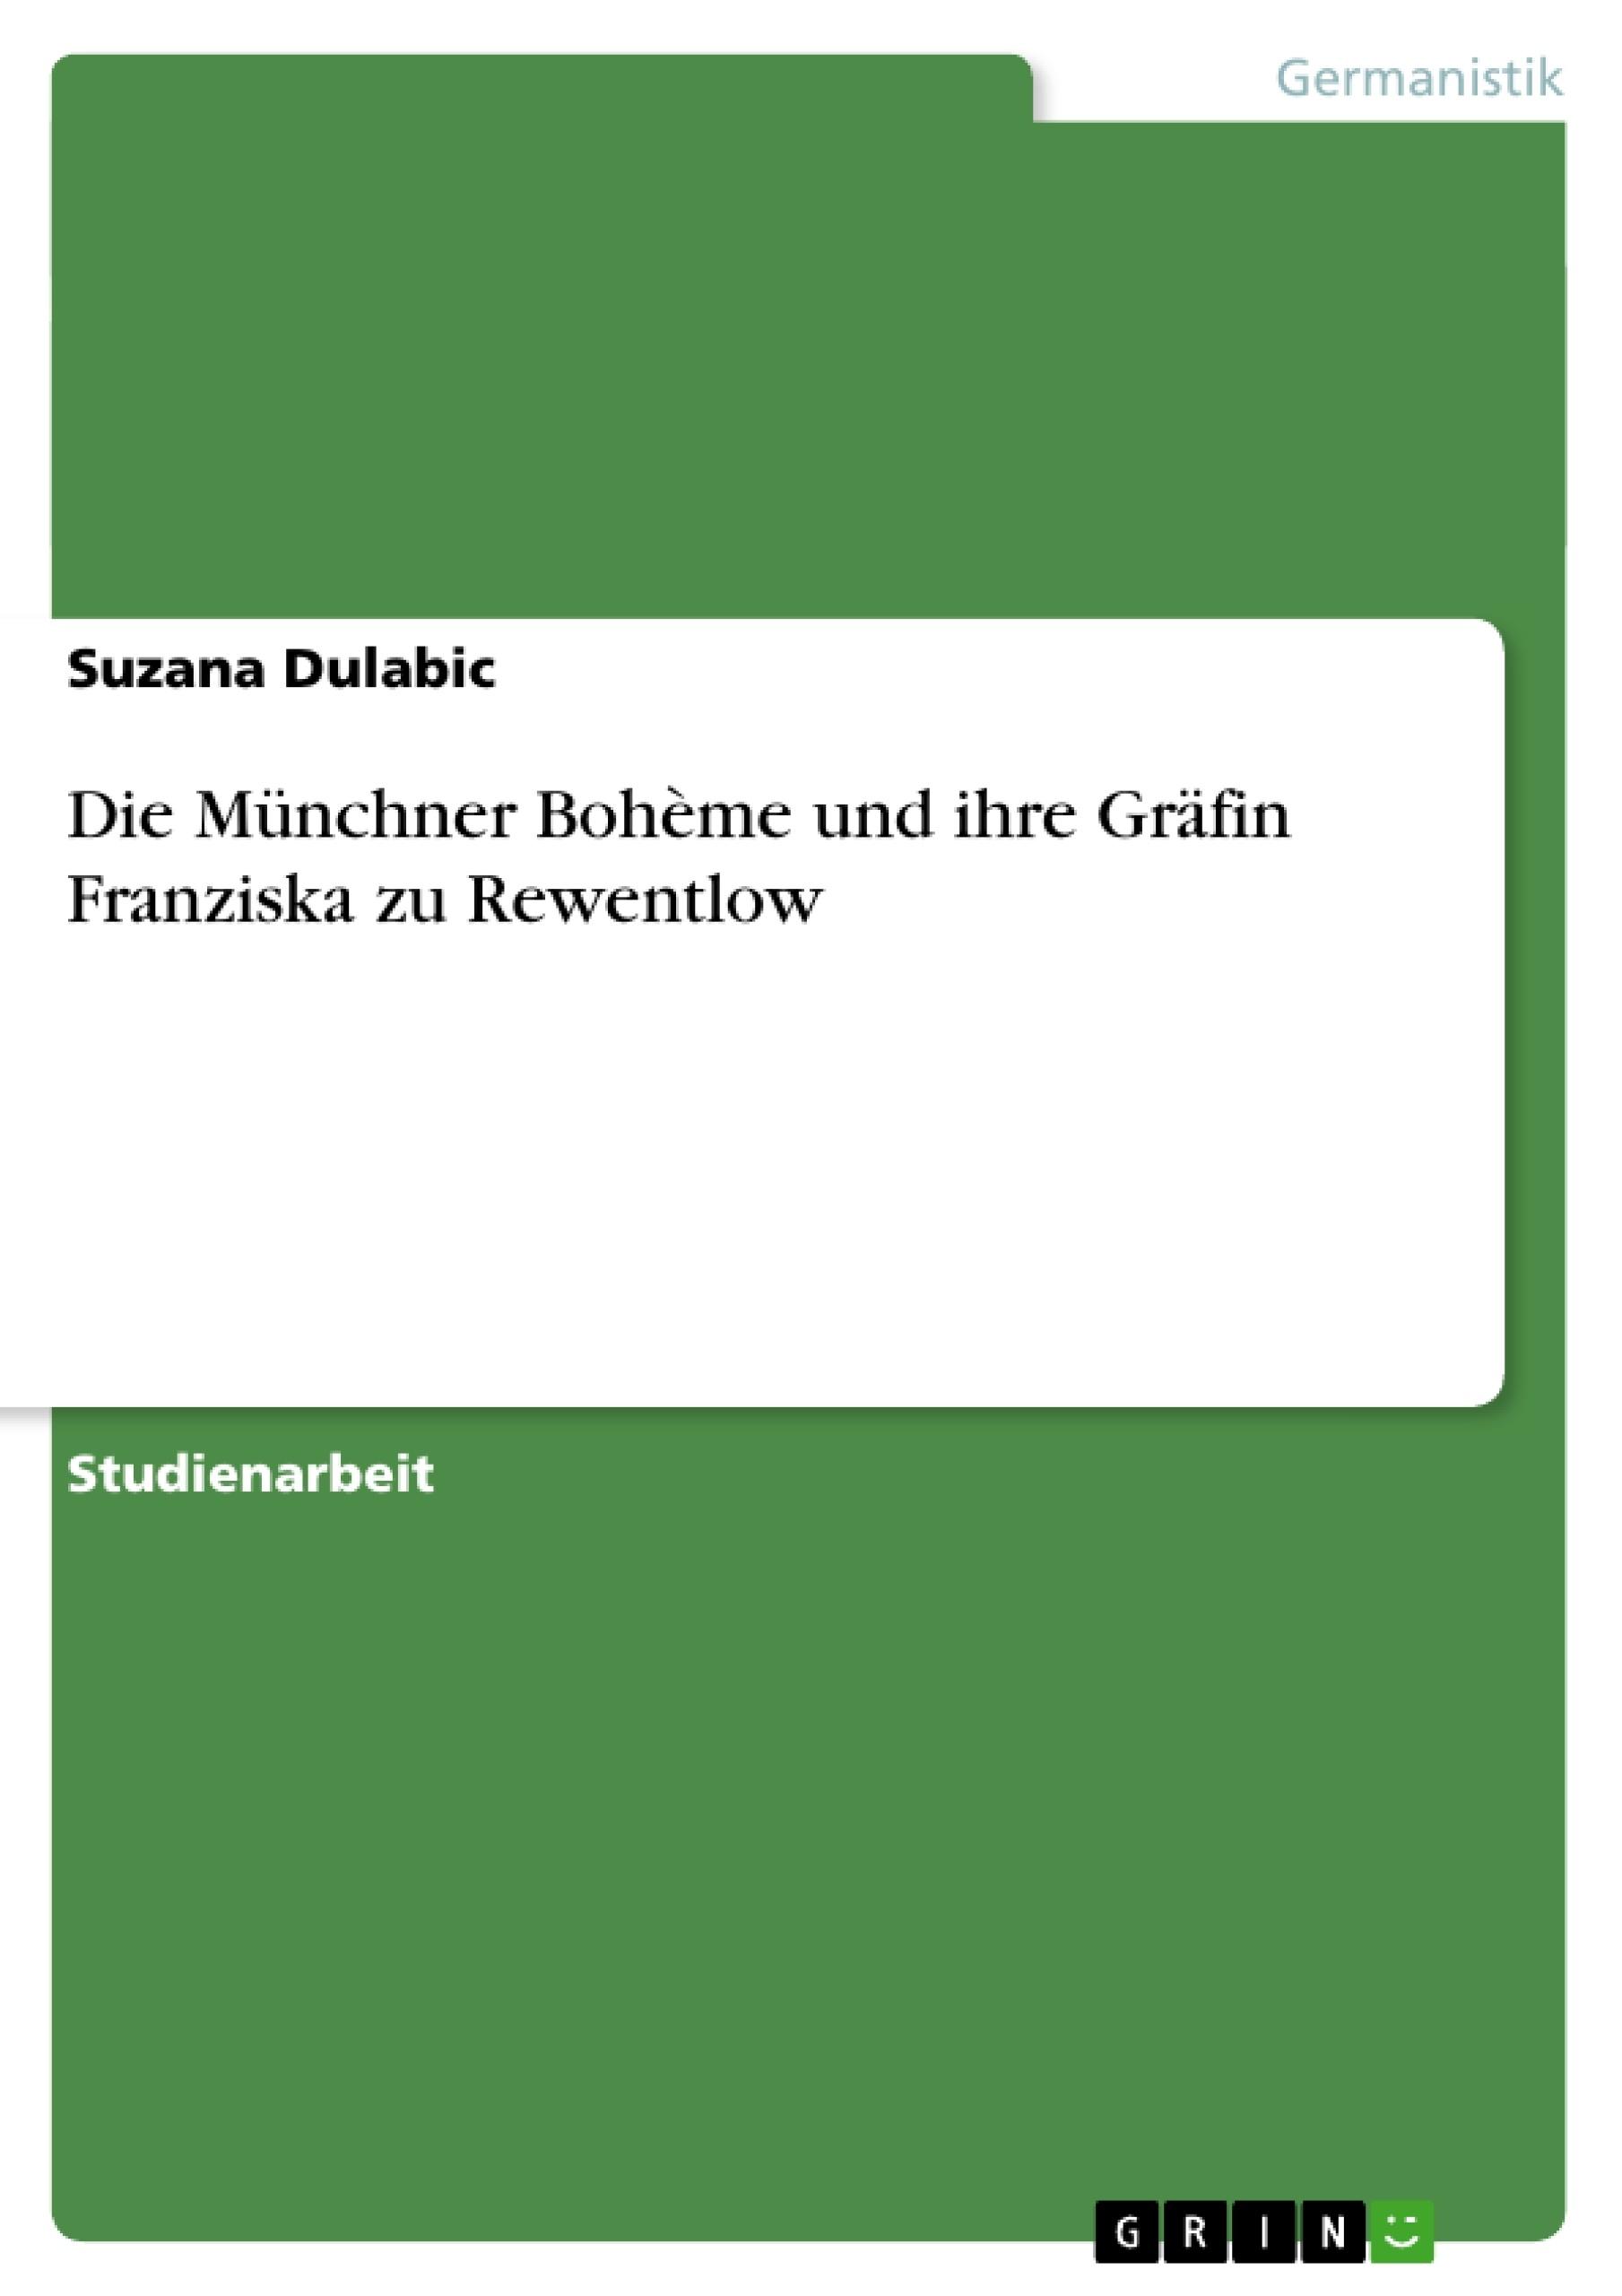 Titel: Die Münchner Bohème und ihre Gräfin Franziska zu Rewentlow